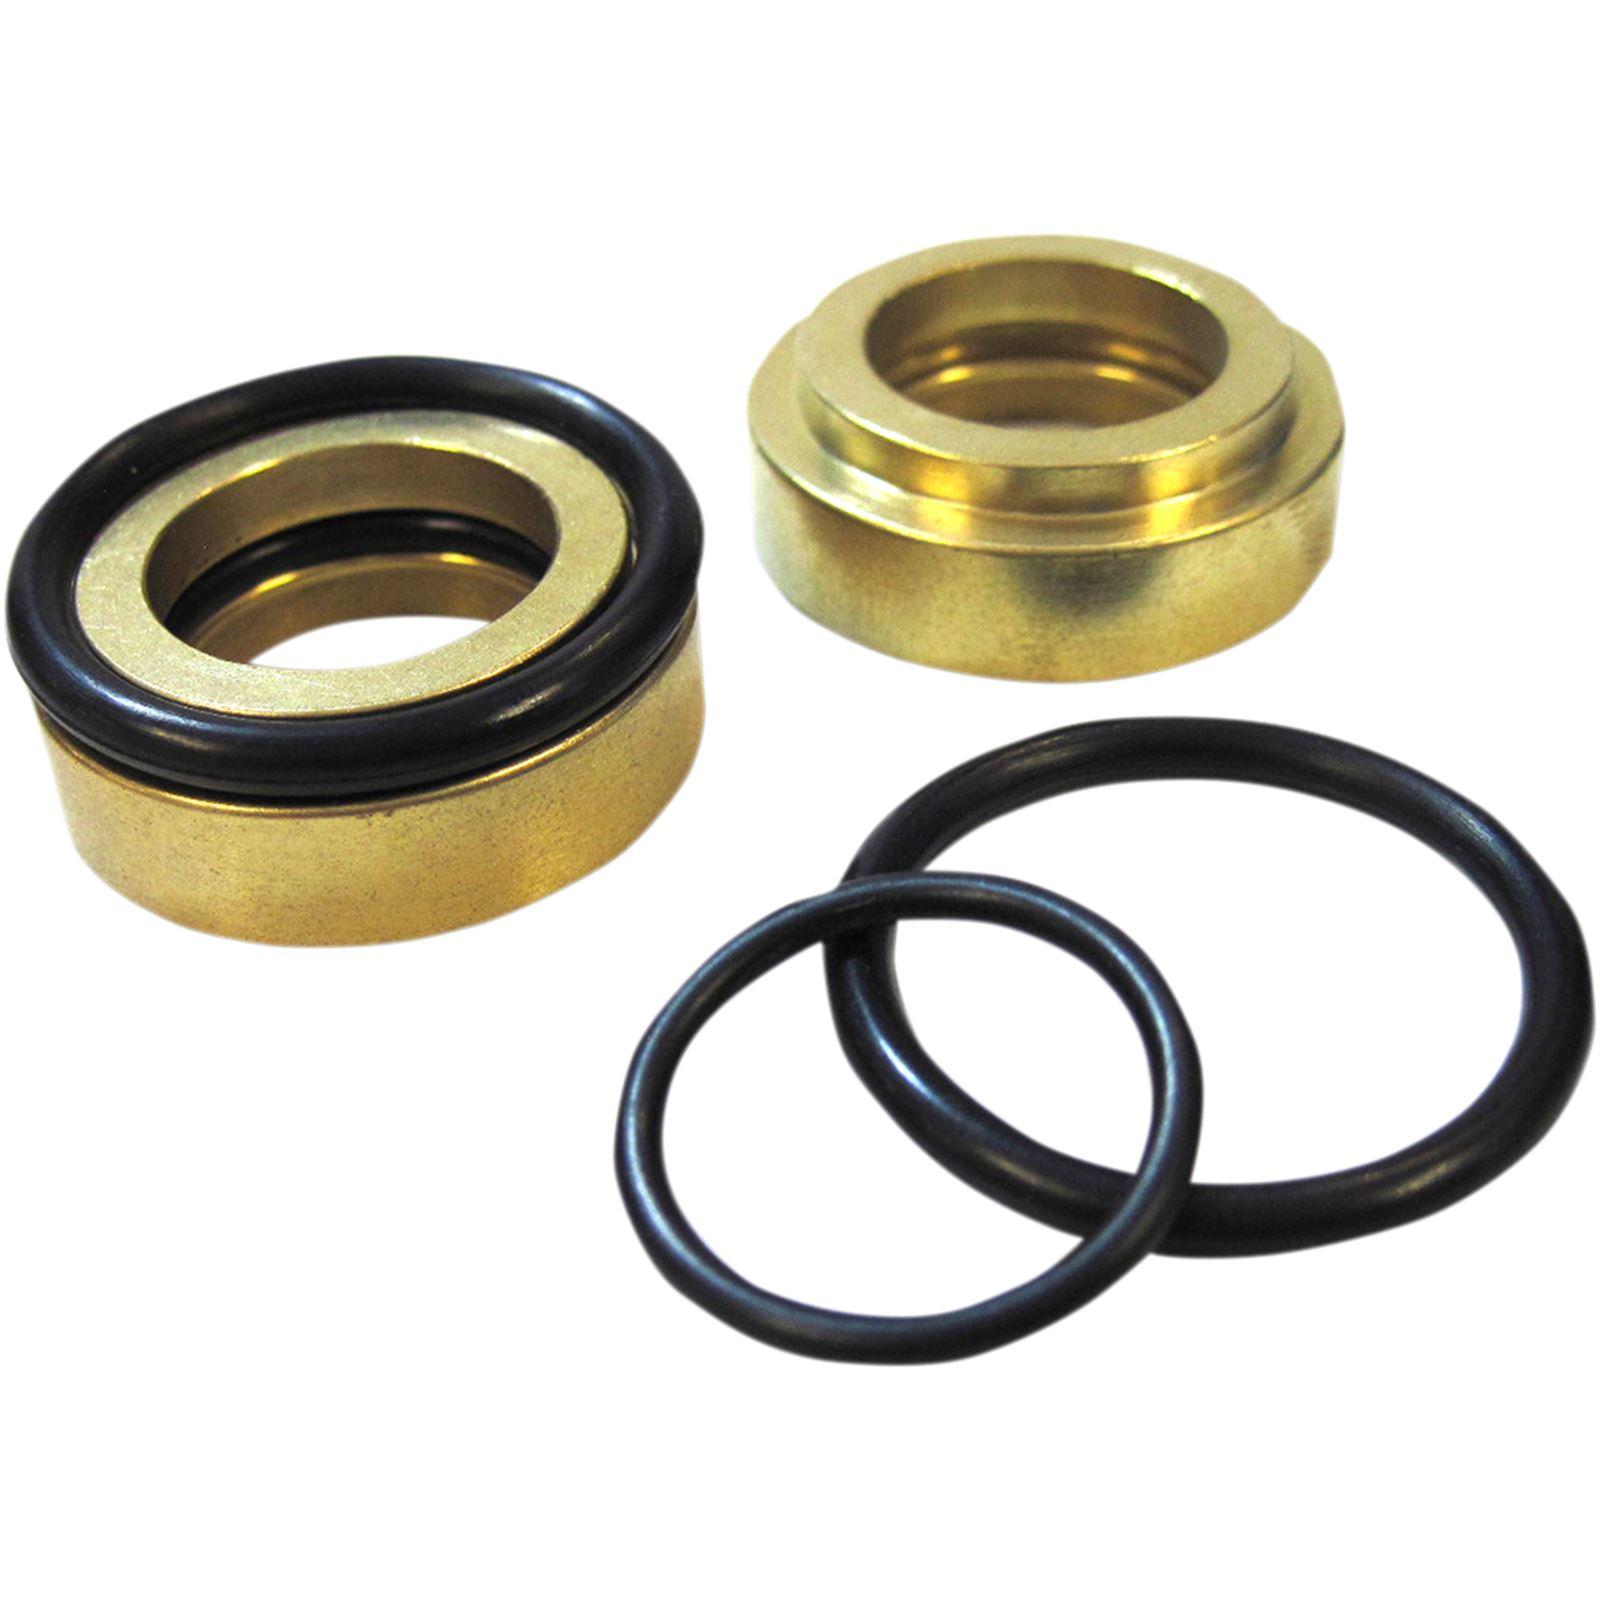 Hygear Heavy-Duty Brass Ice Scraper - 16 mm